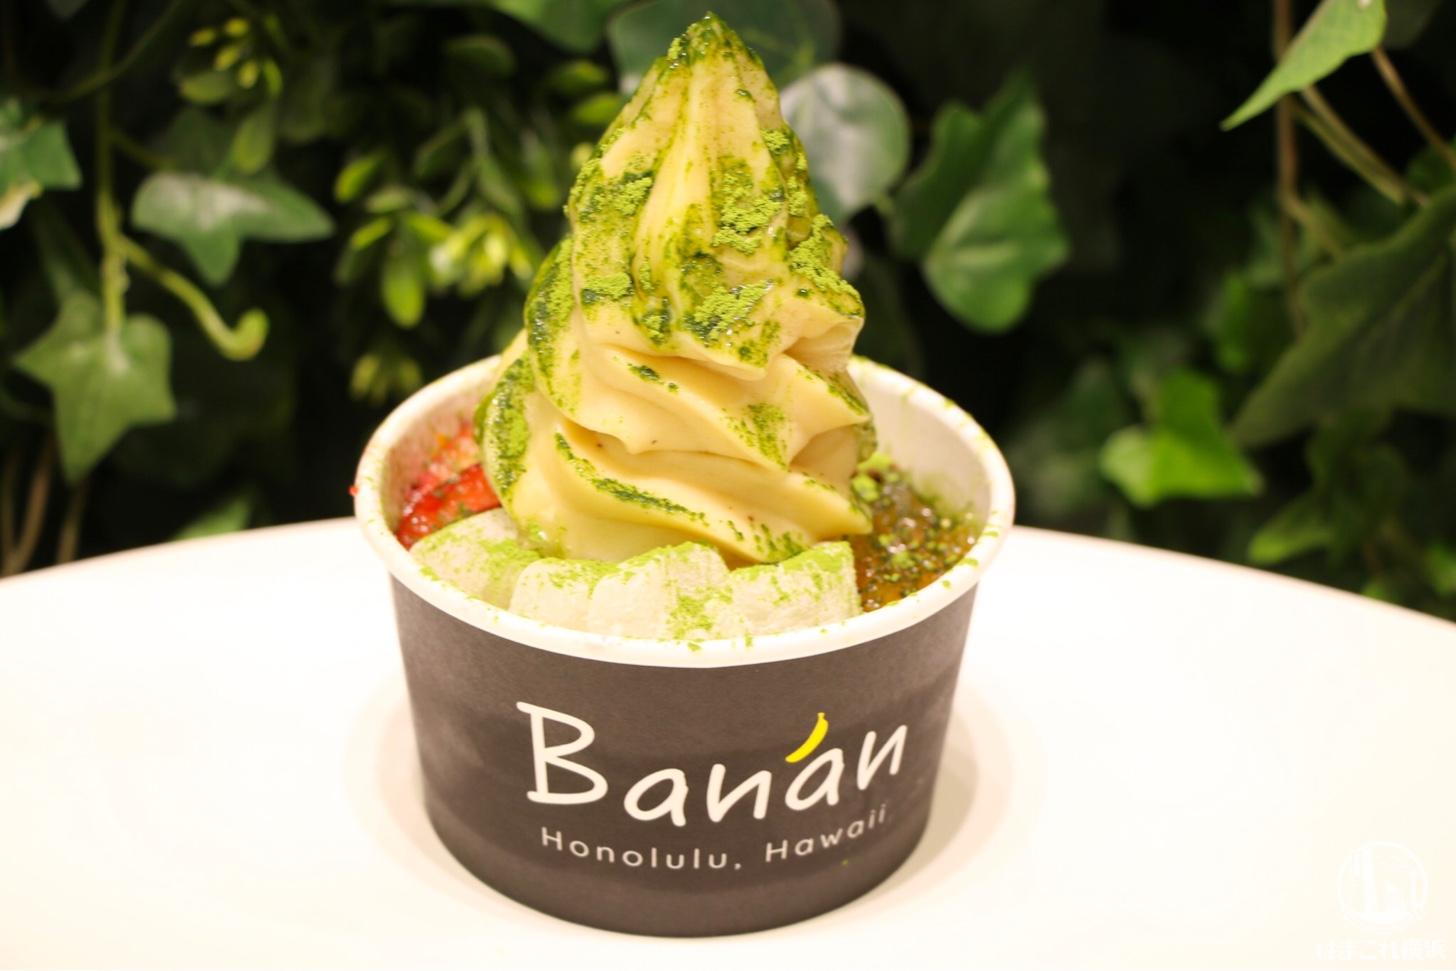 バナン 日本オリジナルメニュー